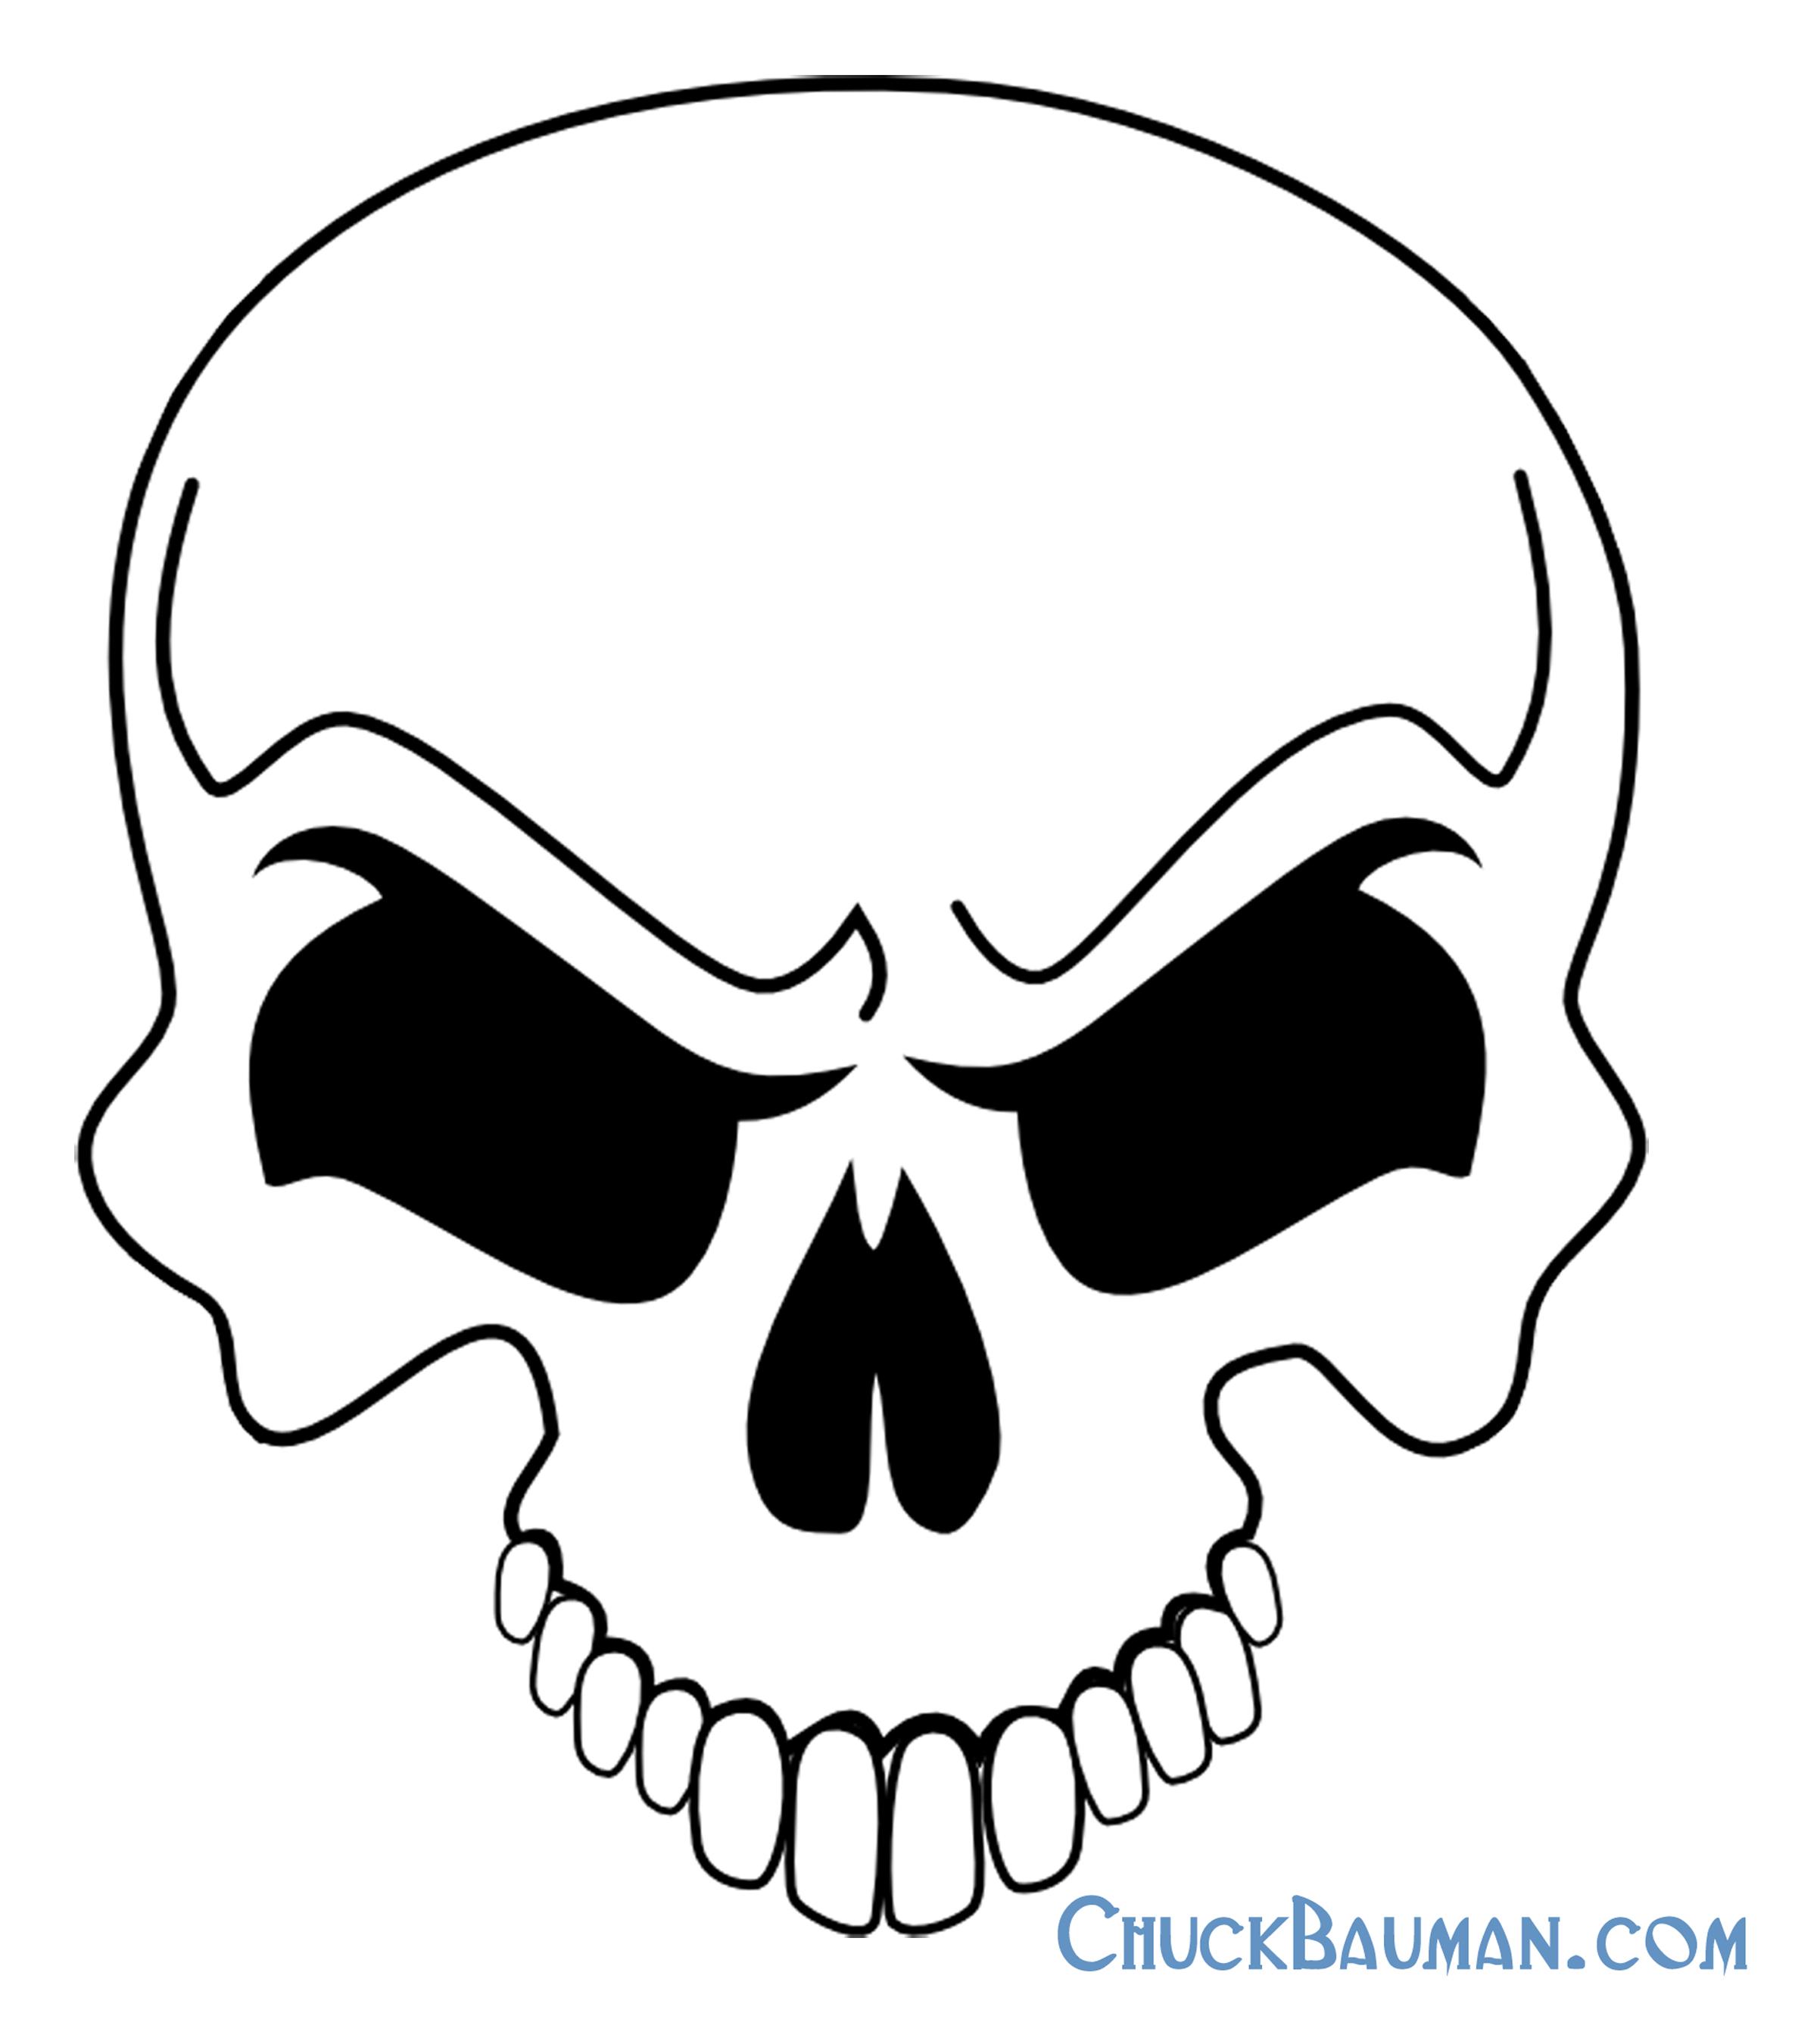 Simple skull tattoo designs - Simple Skeleton Designs Simple Skull Designs